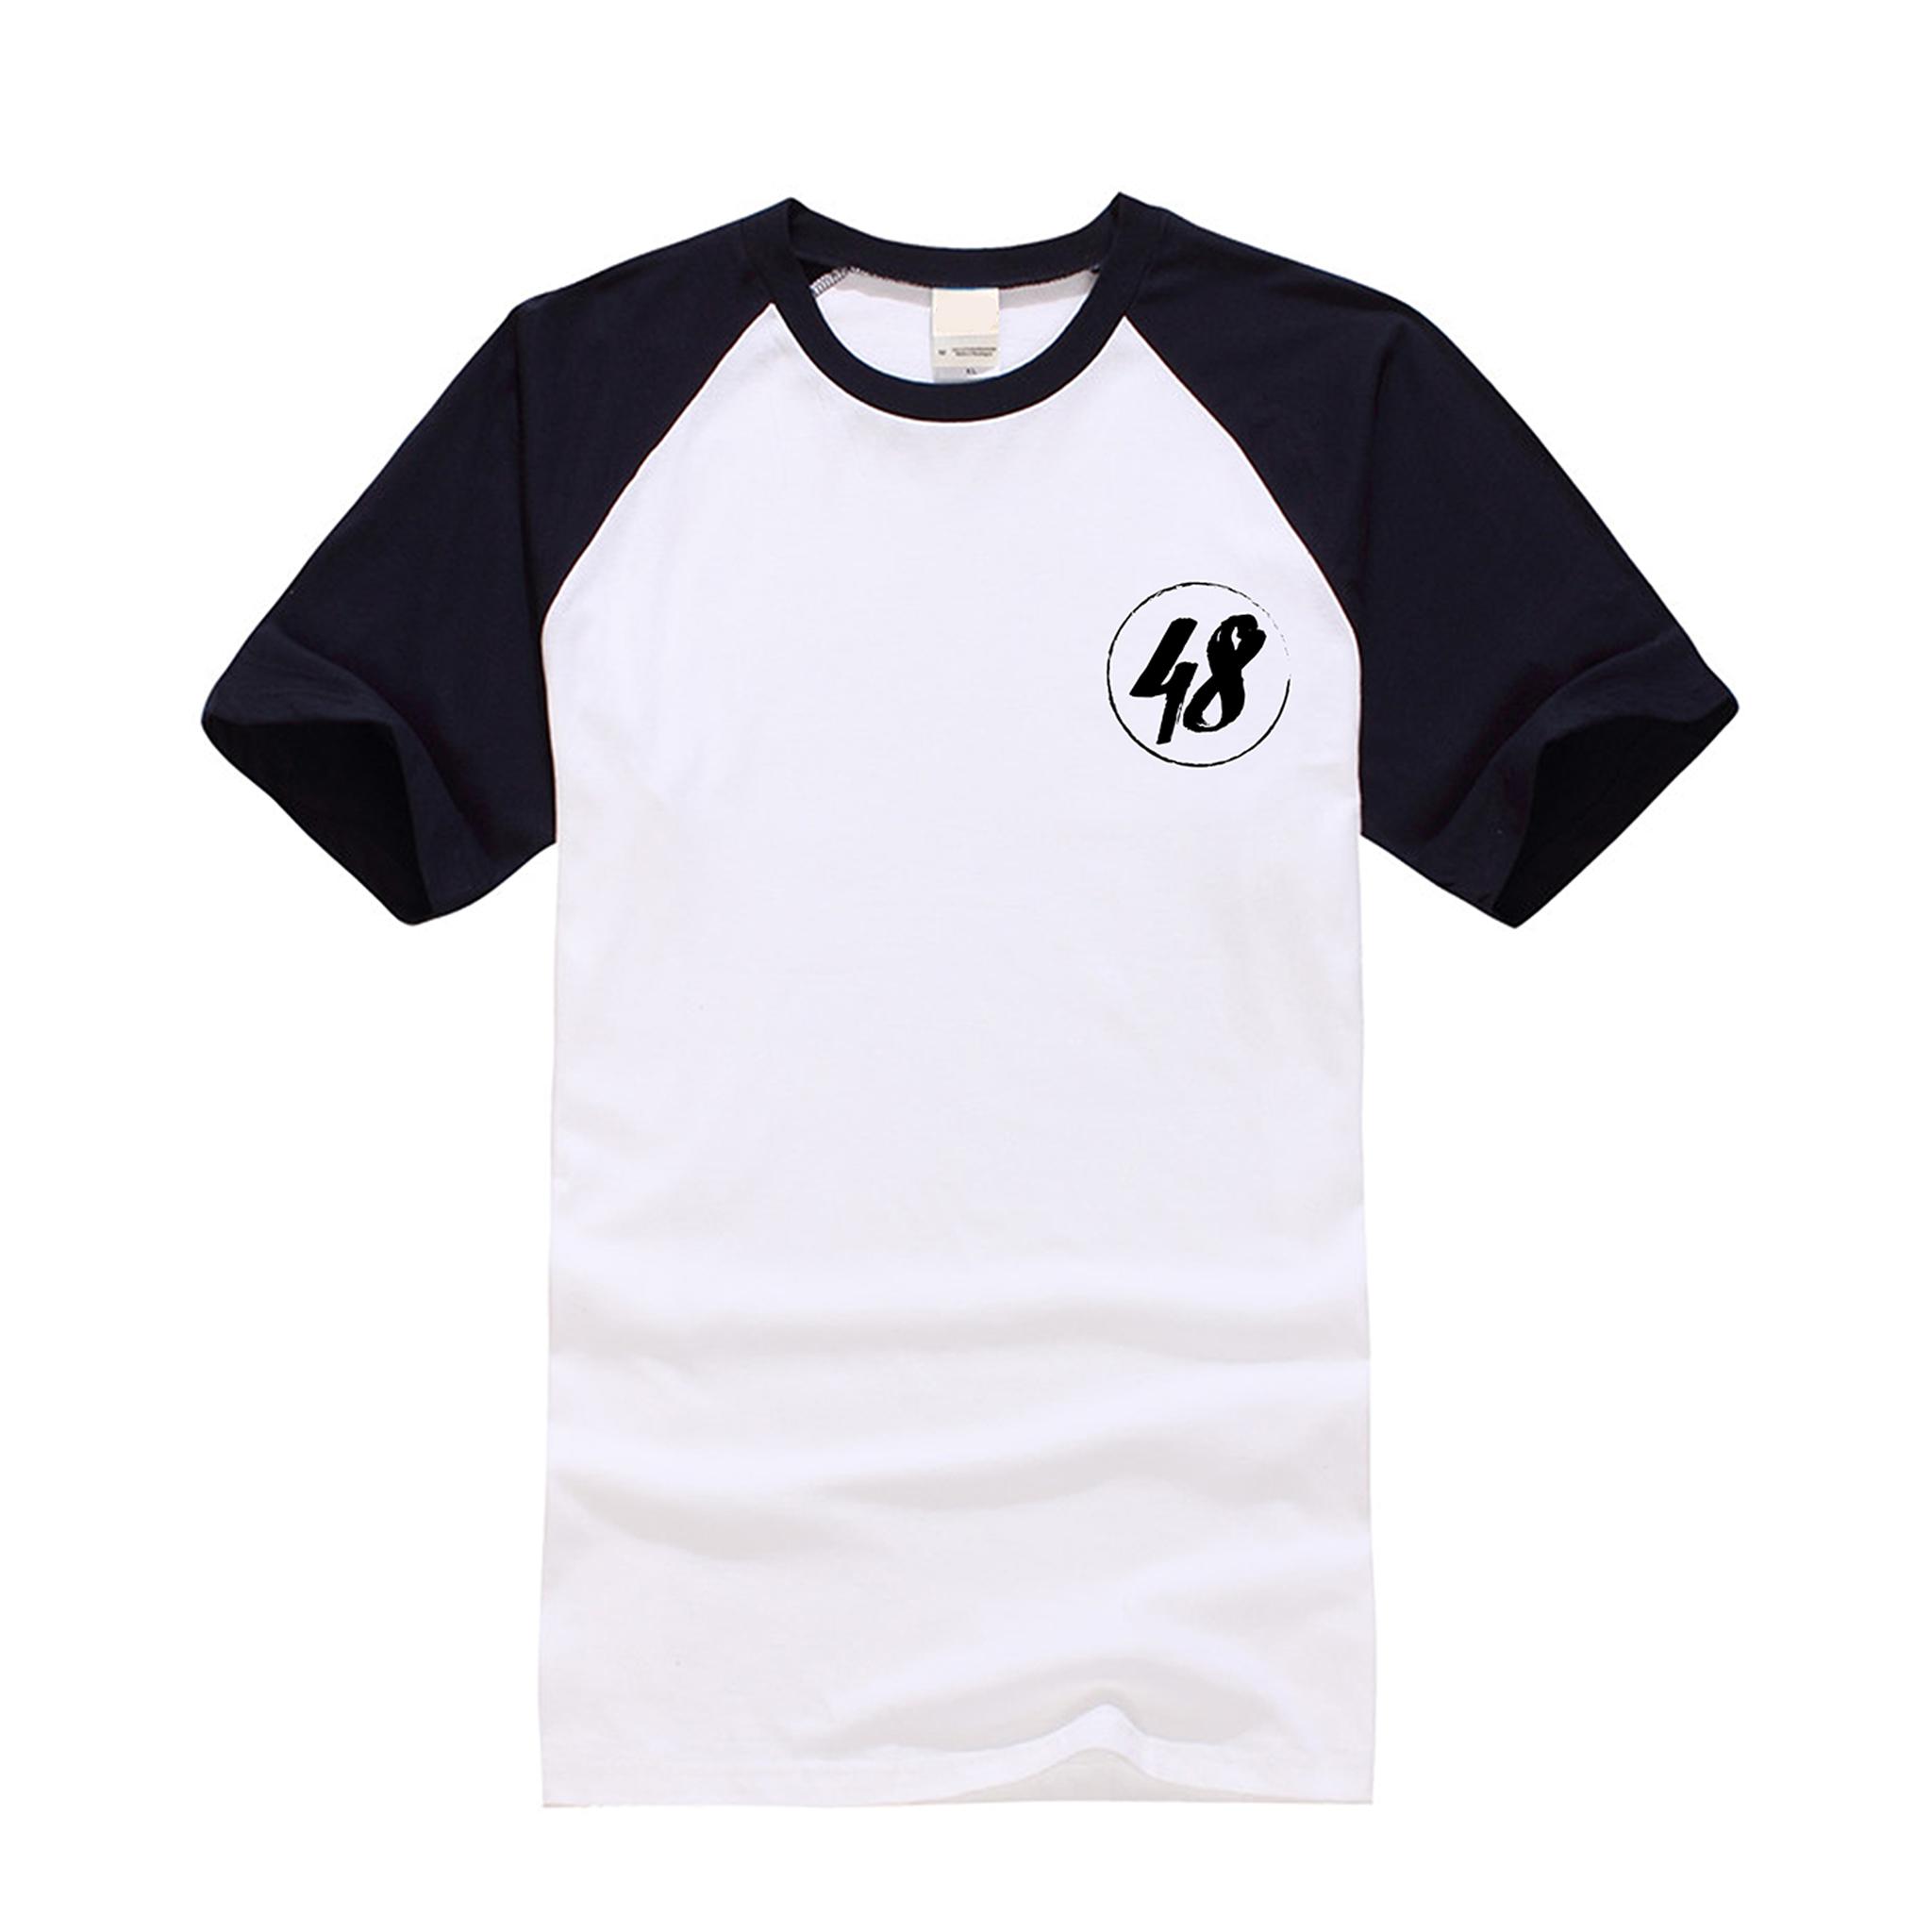 Desain t shirt jkt48 - Jkt48 T Shirt 48 Believe